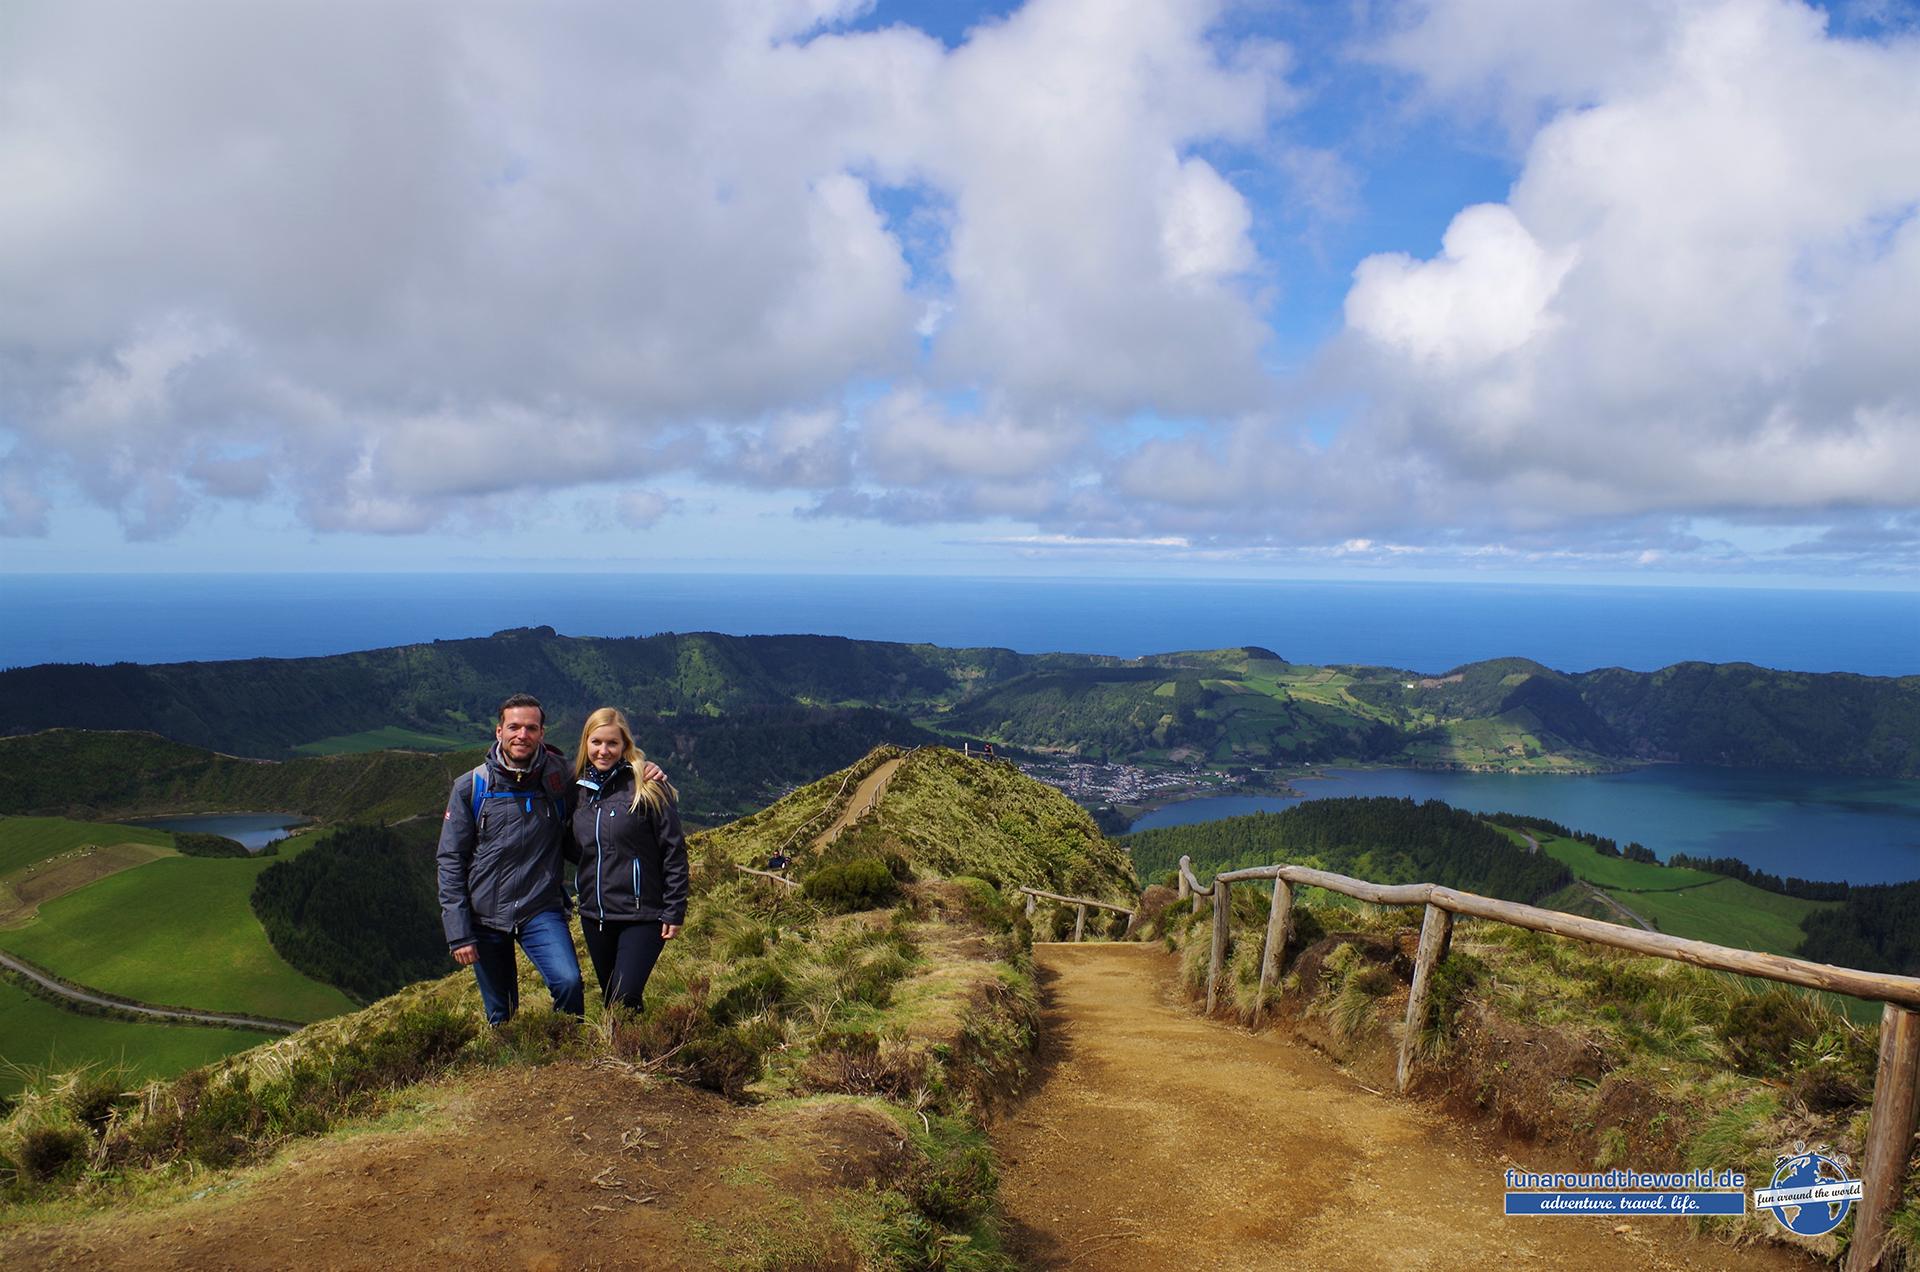 Eindrucksvolle Aussichtspunkte offenbaren sich als Belohnung für Wanderungen entlang der Vulkanseen auf Sao Miguel